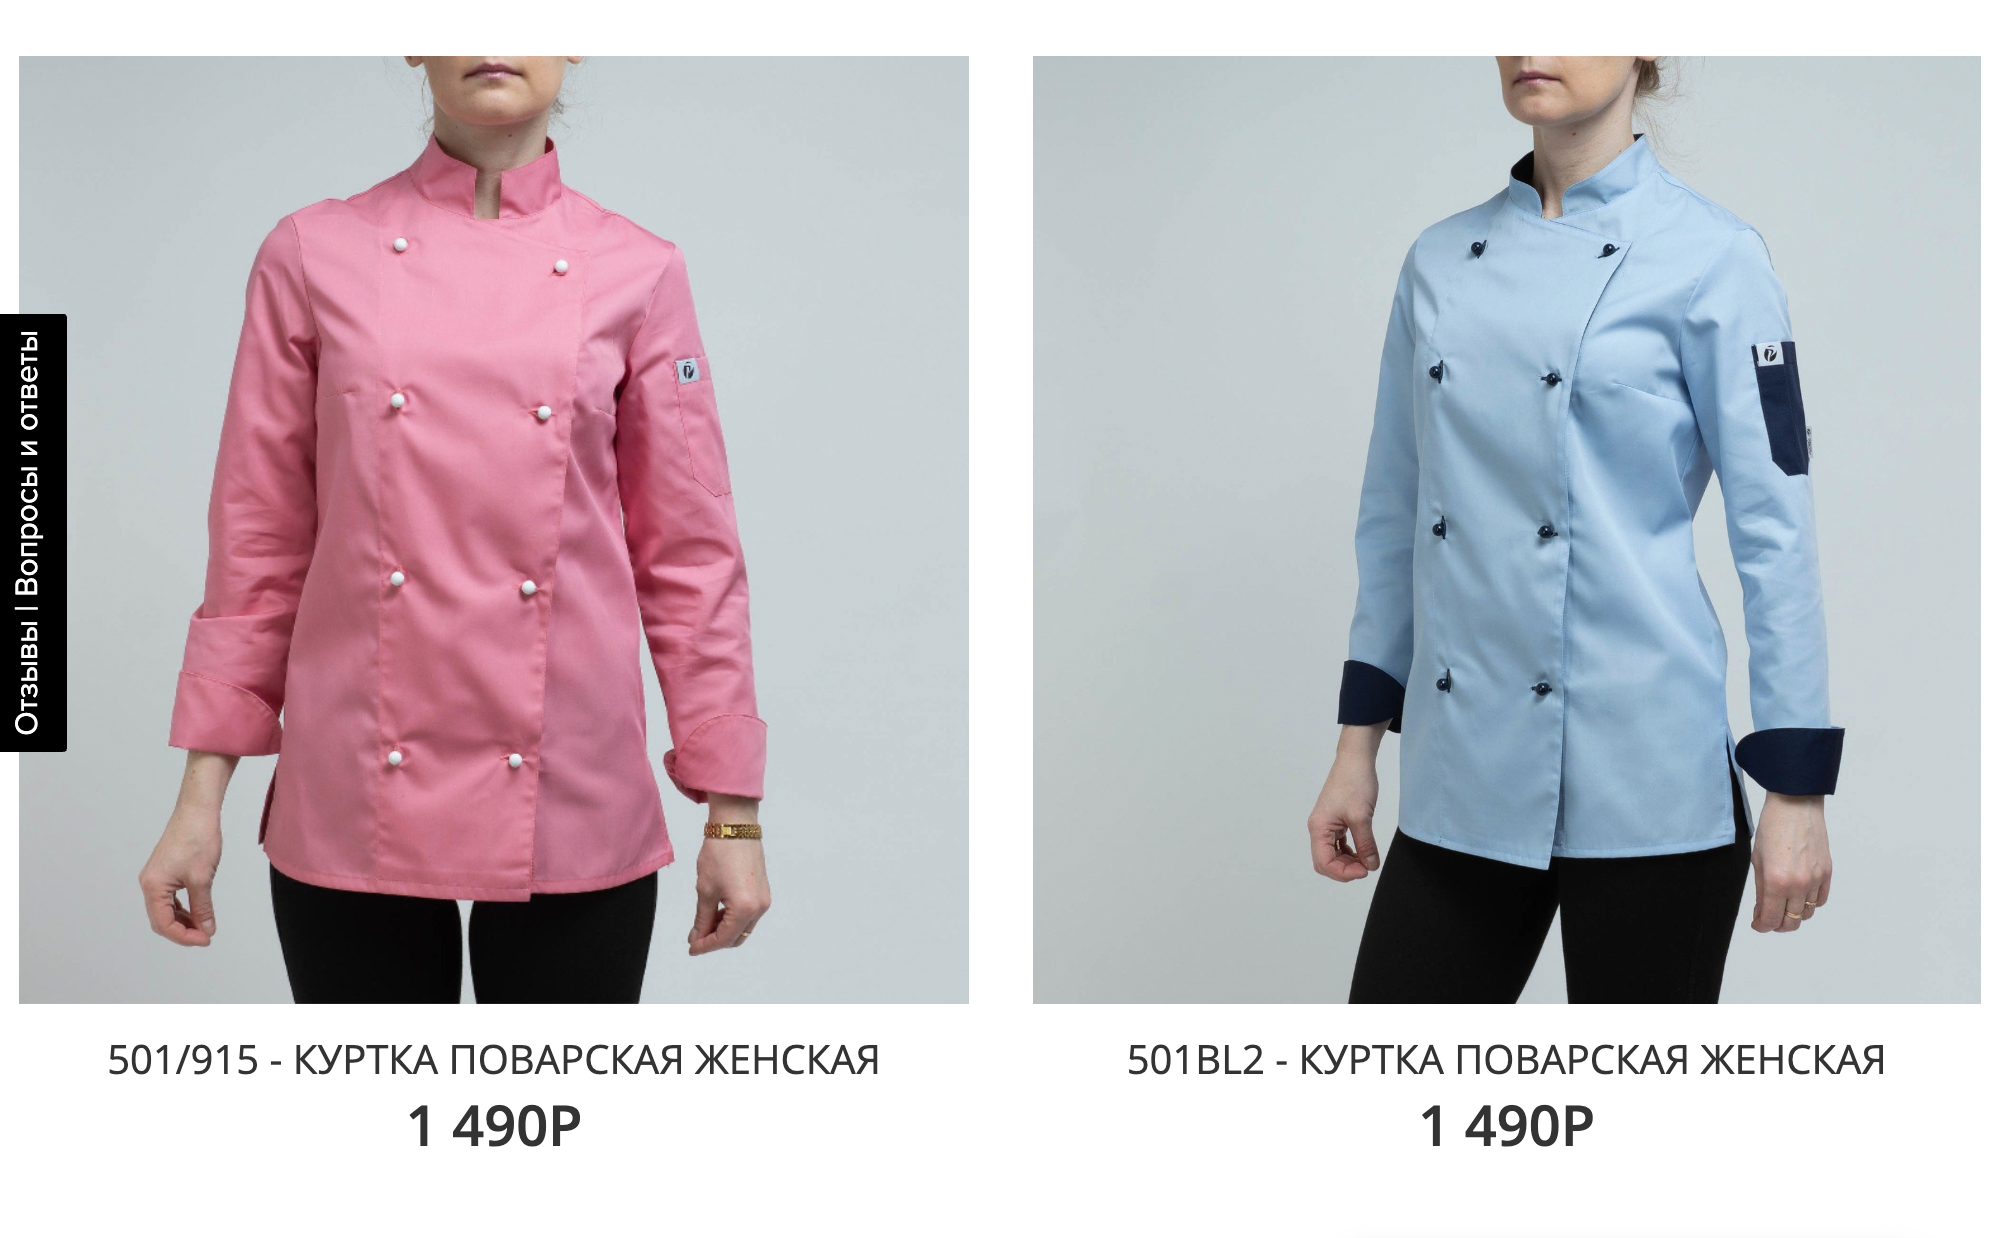 Женскую поварскую куртку можно купить за 1600<span class=ruble>Р</span>. Источник: «Питерпроф-ком»